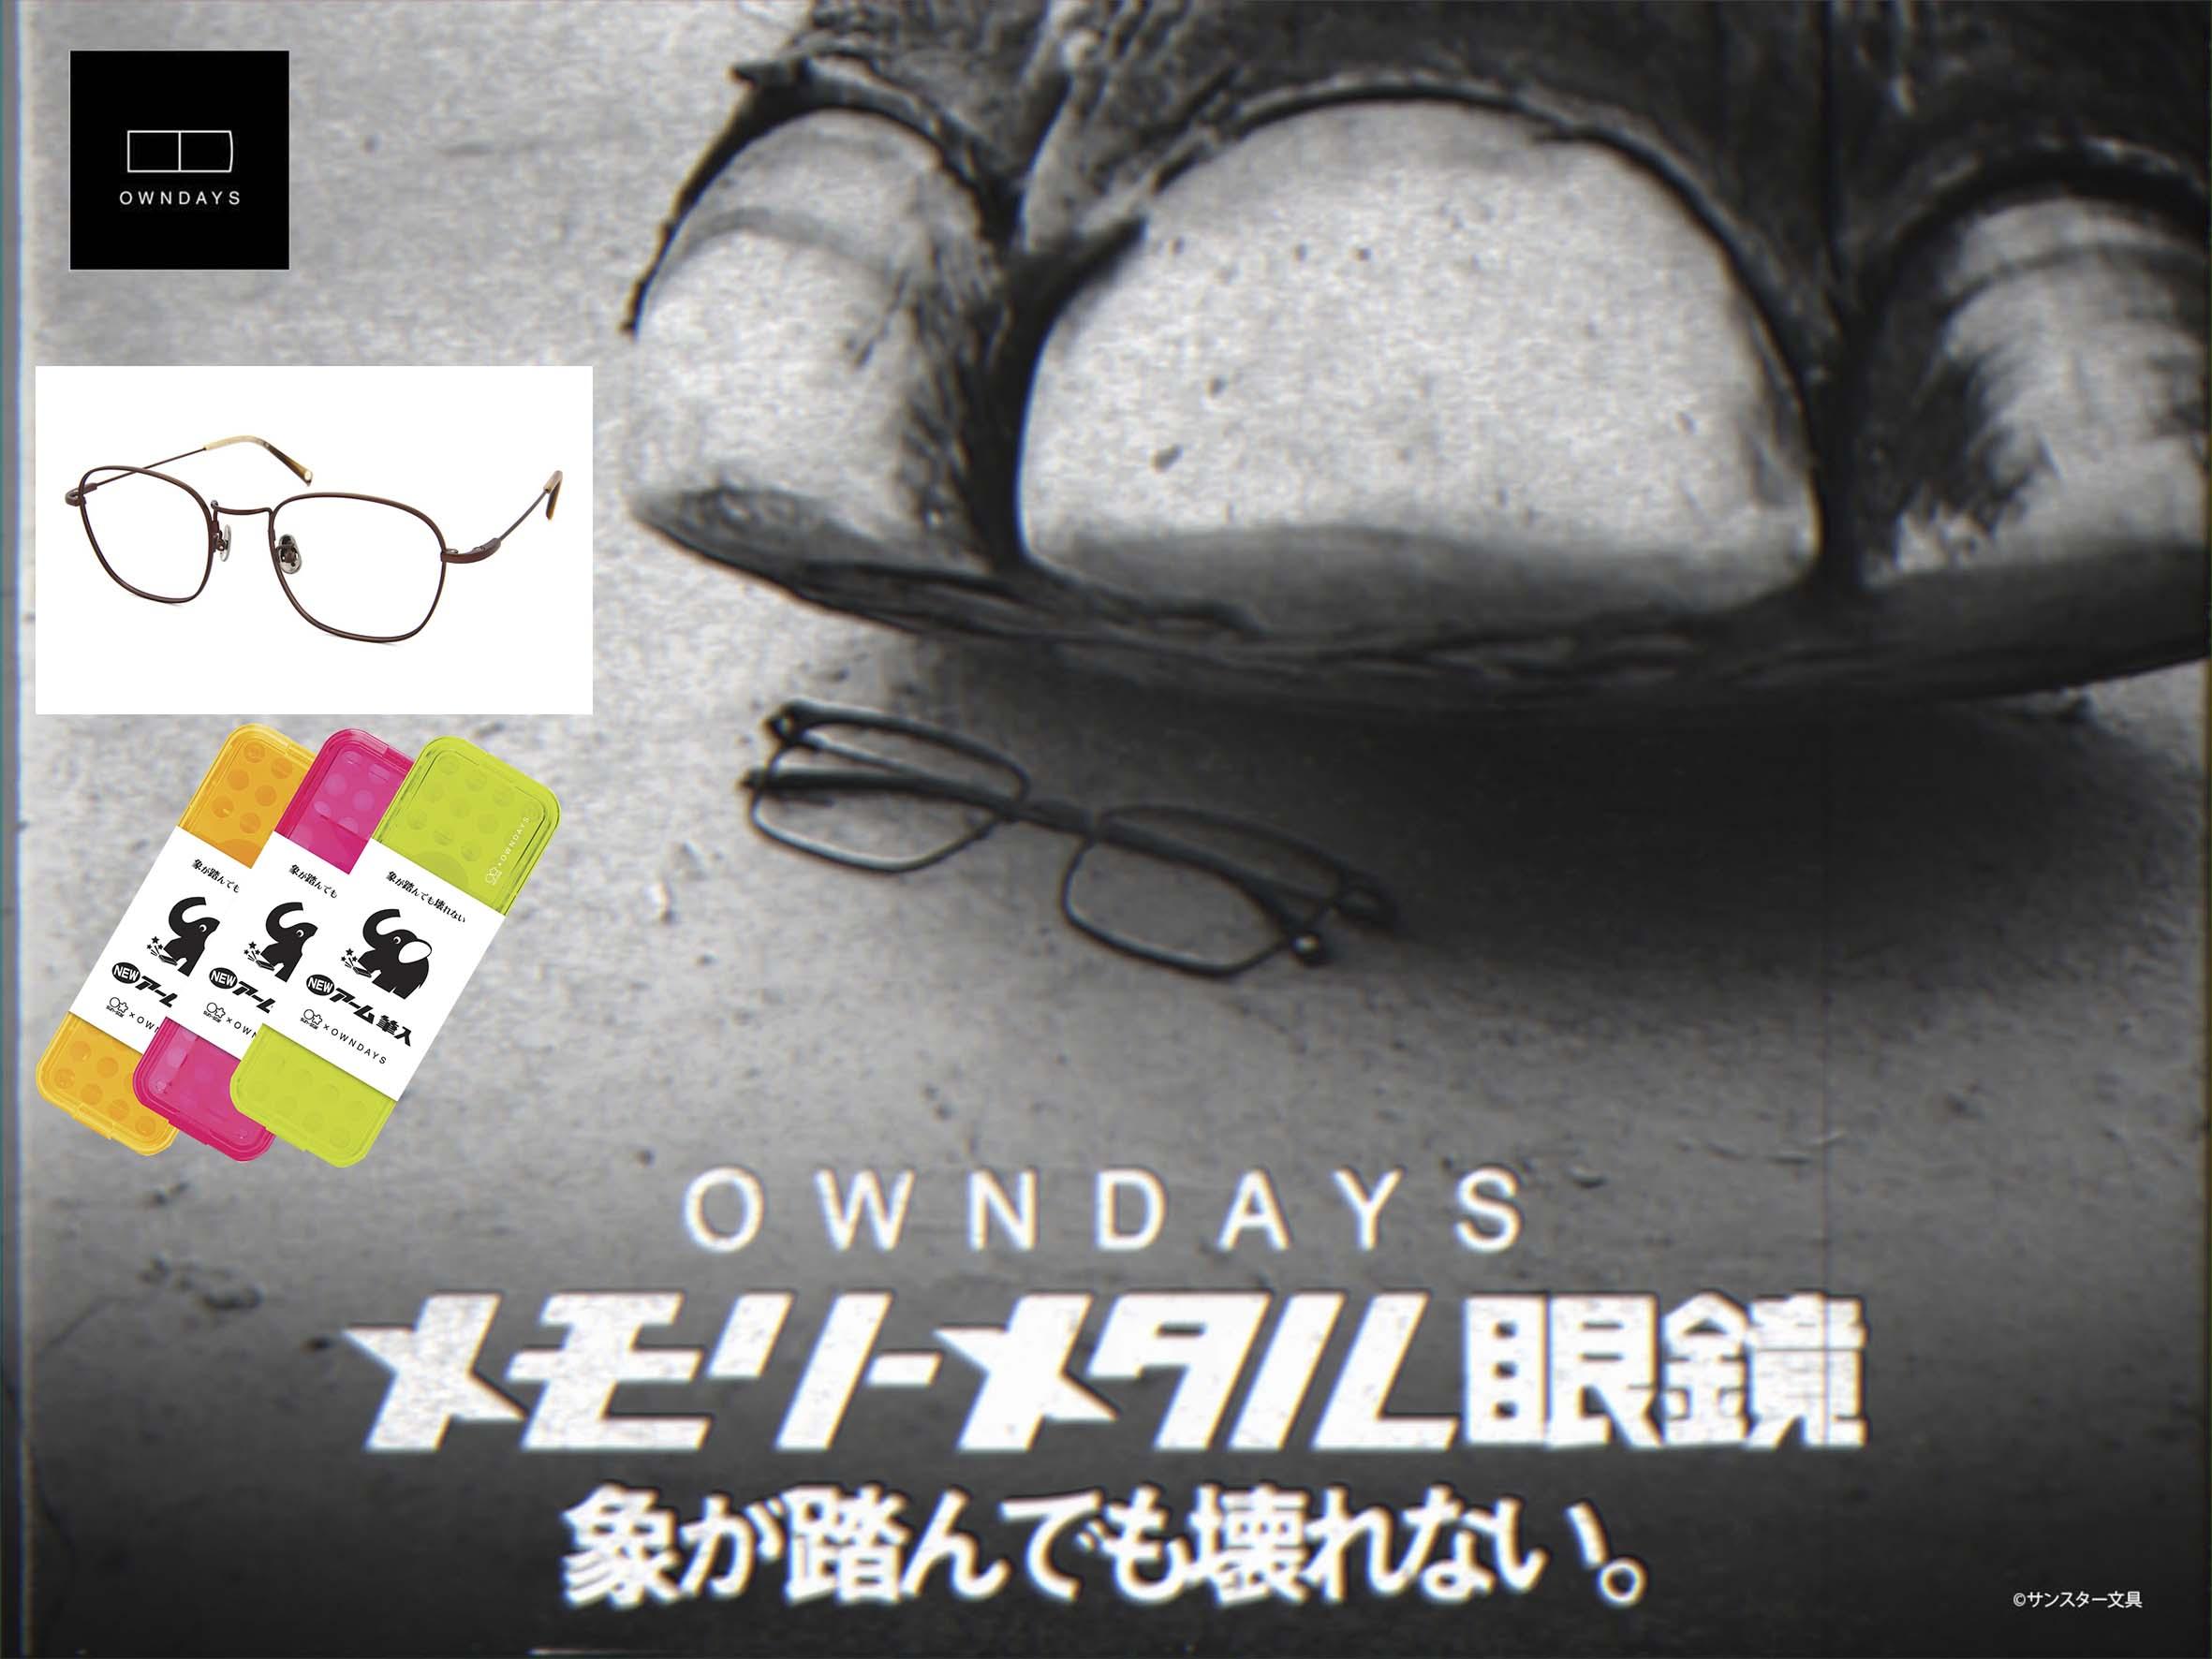 象が踏んでも壊れない メガネ OWNDAYS & サンスター文具